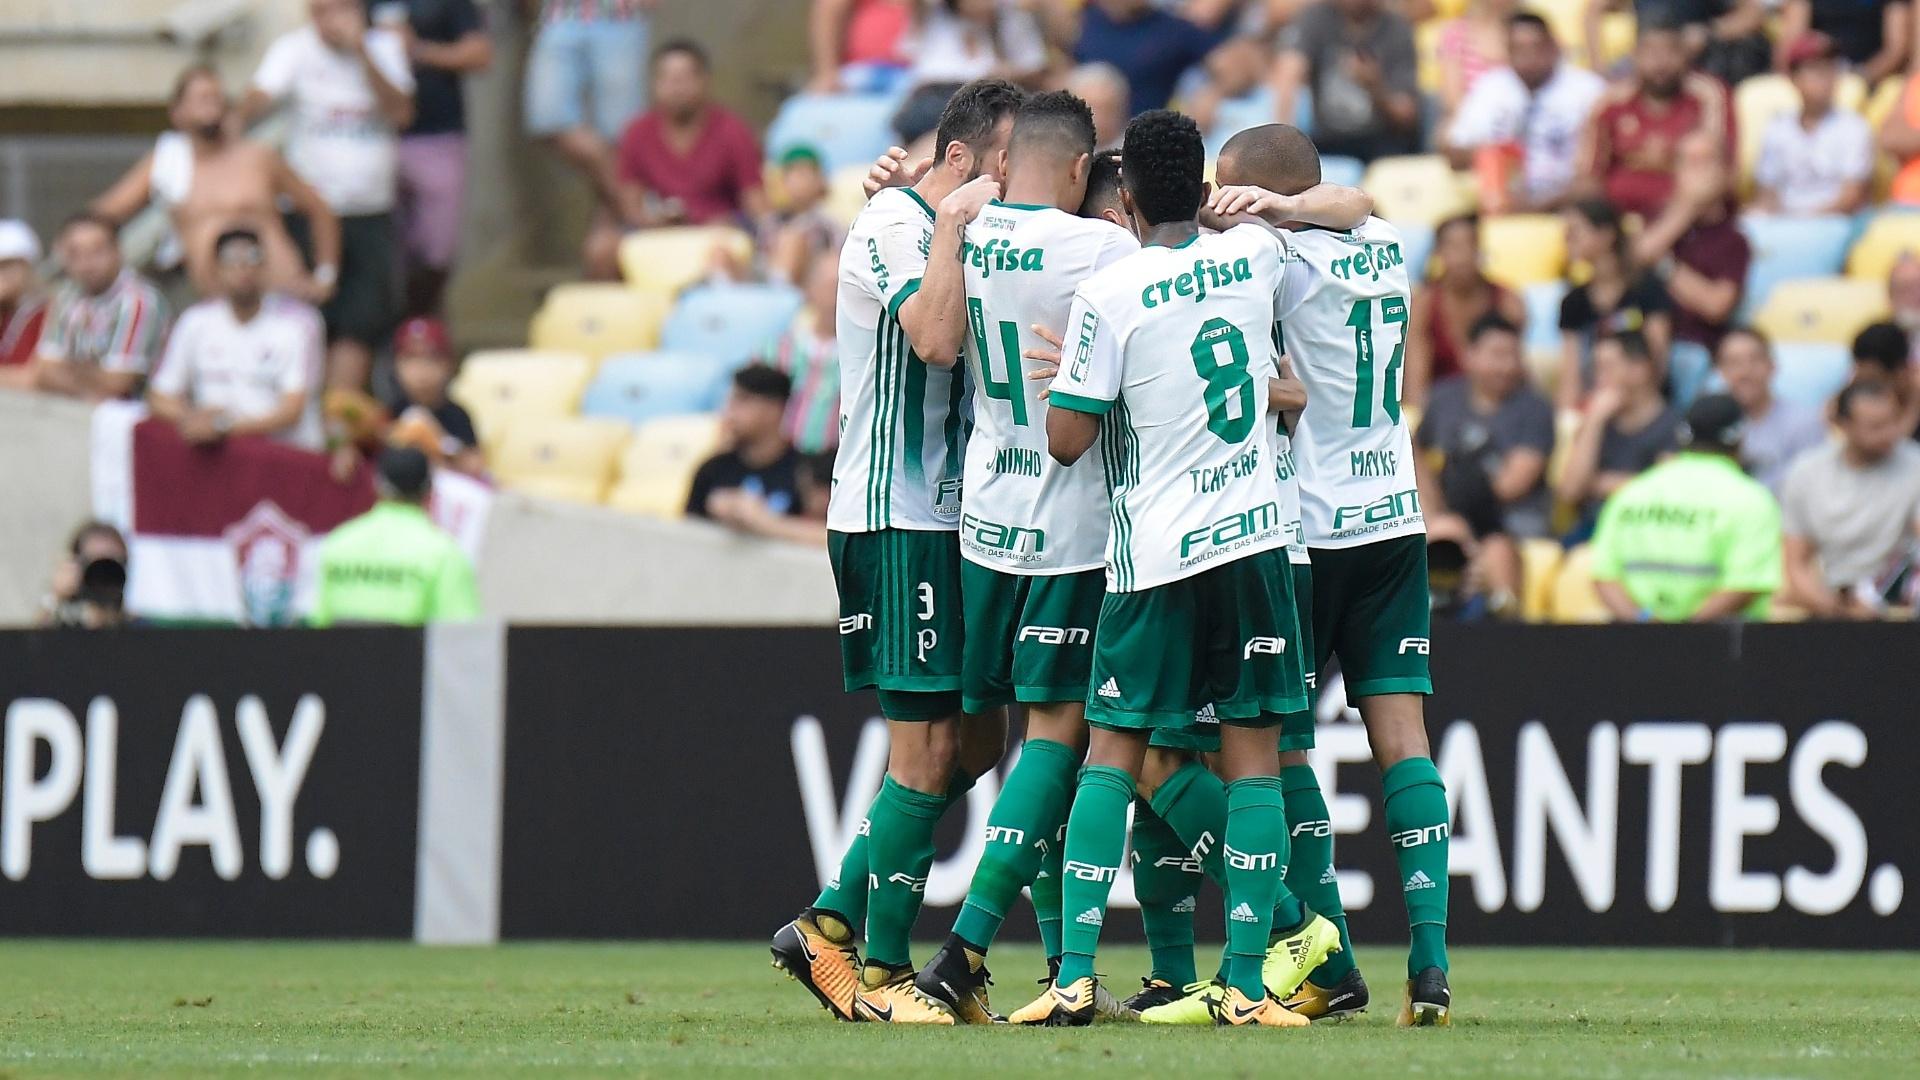 Jogadores do Palmeiras comemorando o gol durante partida contra o Fluminense pelo Campeonato Brasileiro